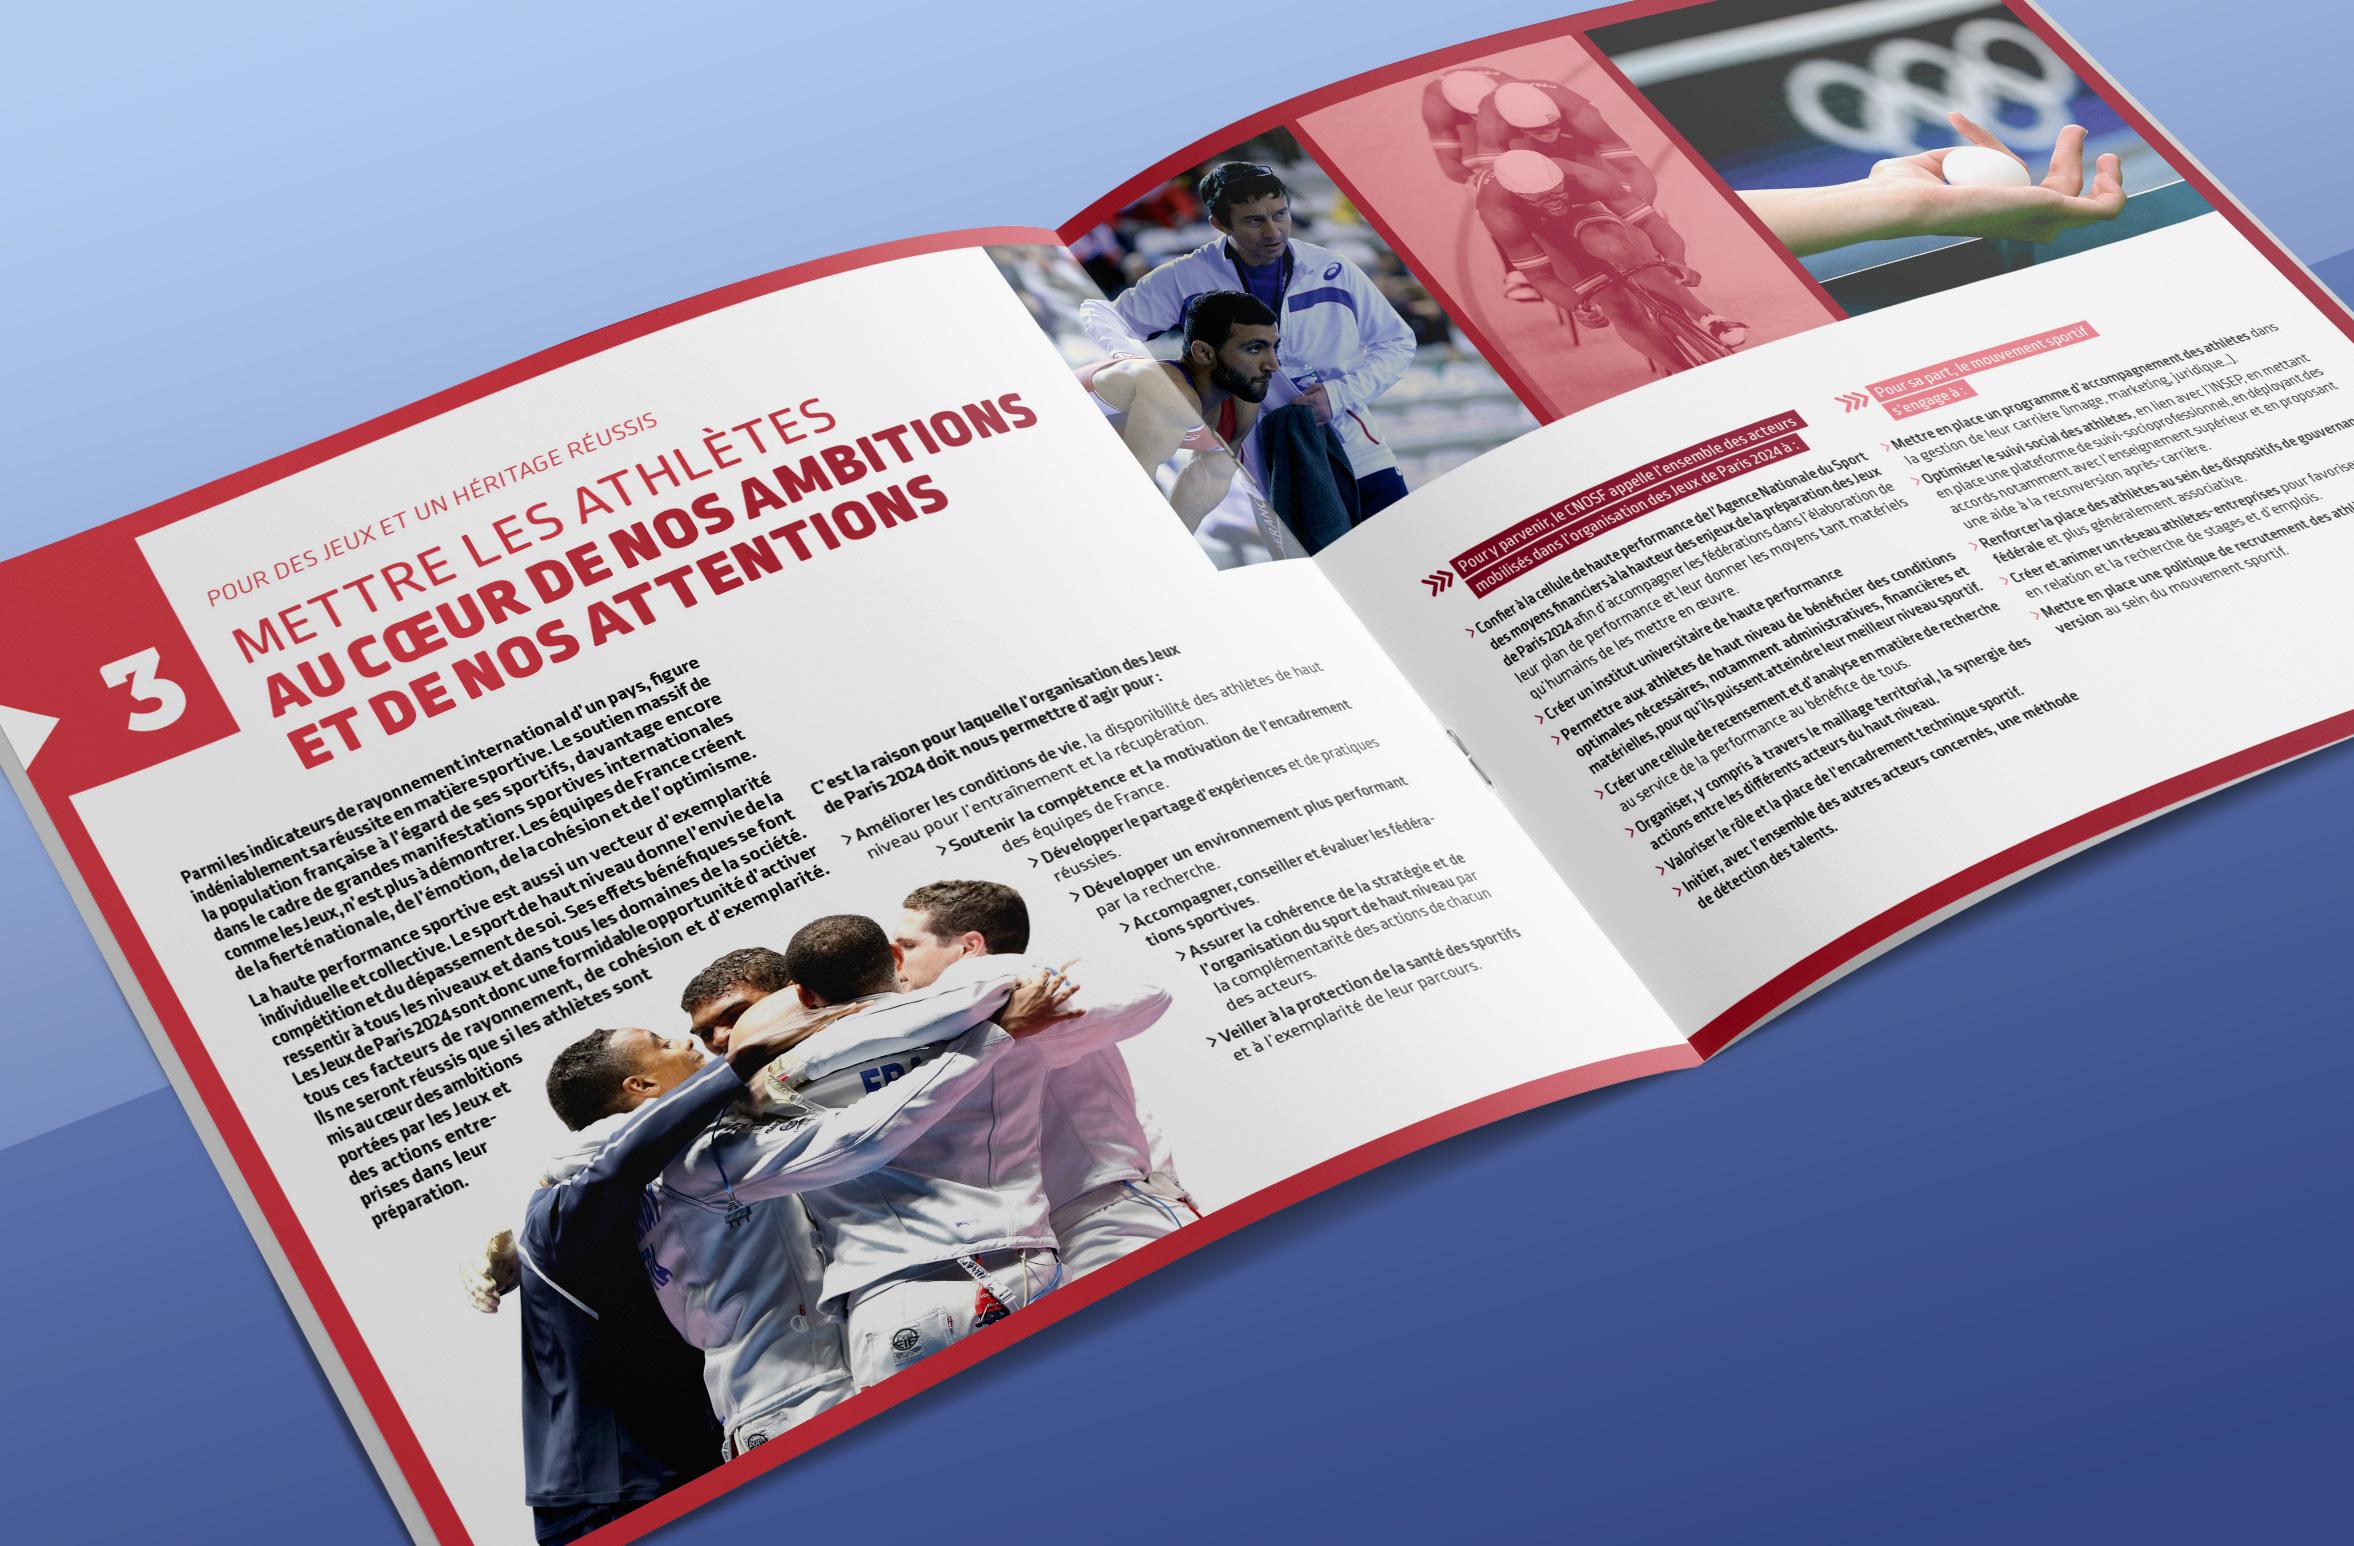 CNOSF-Brochure-Mockup-3-2